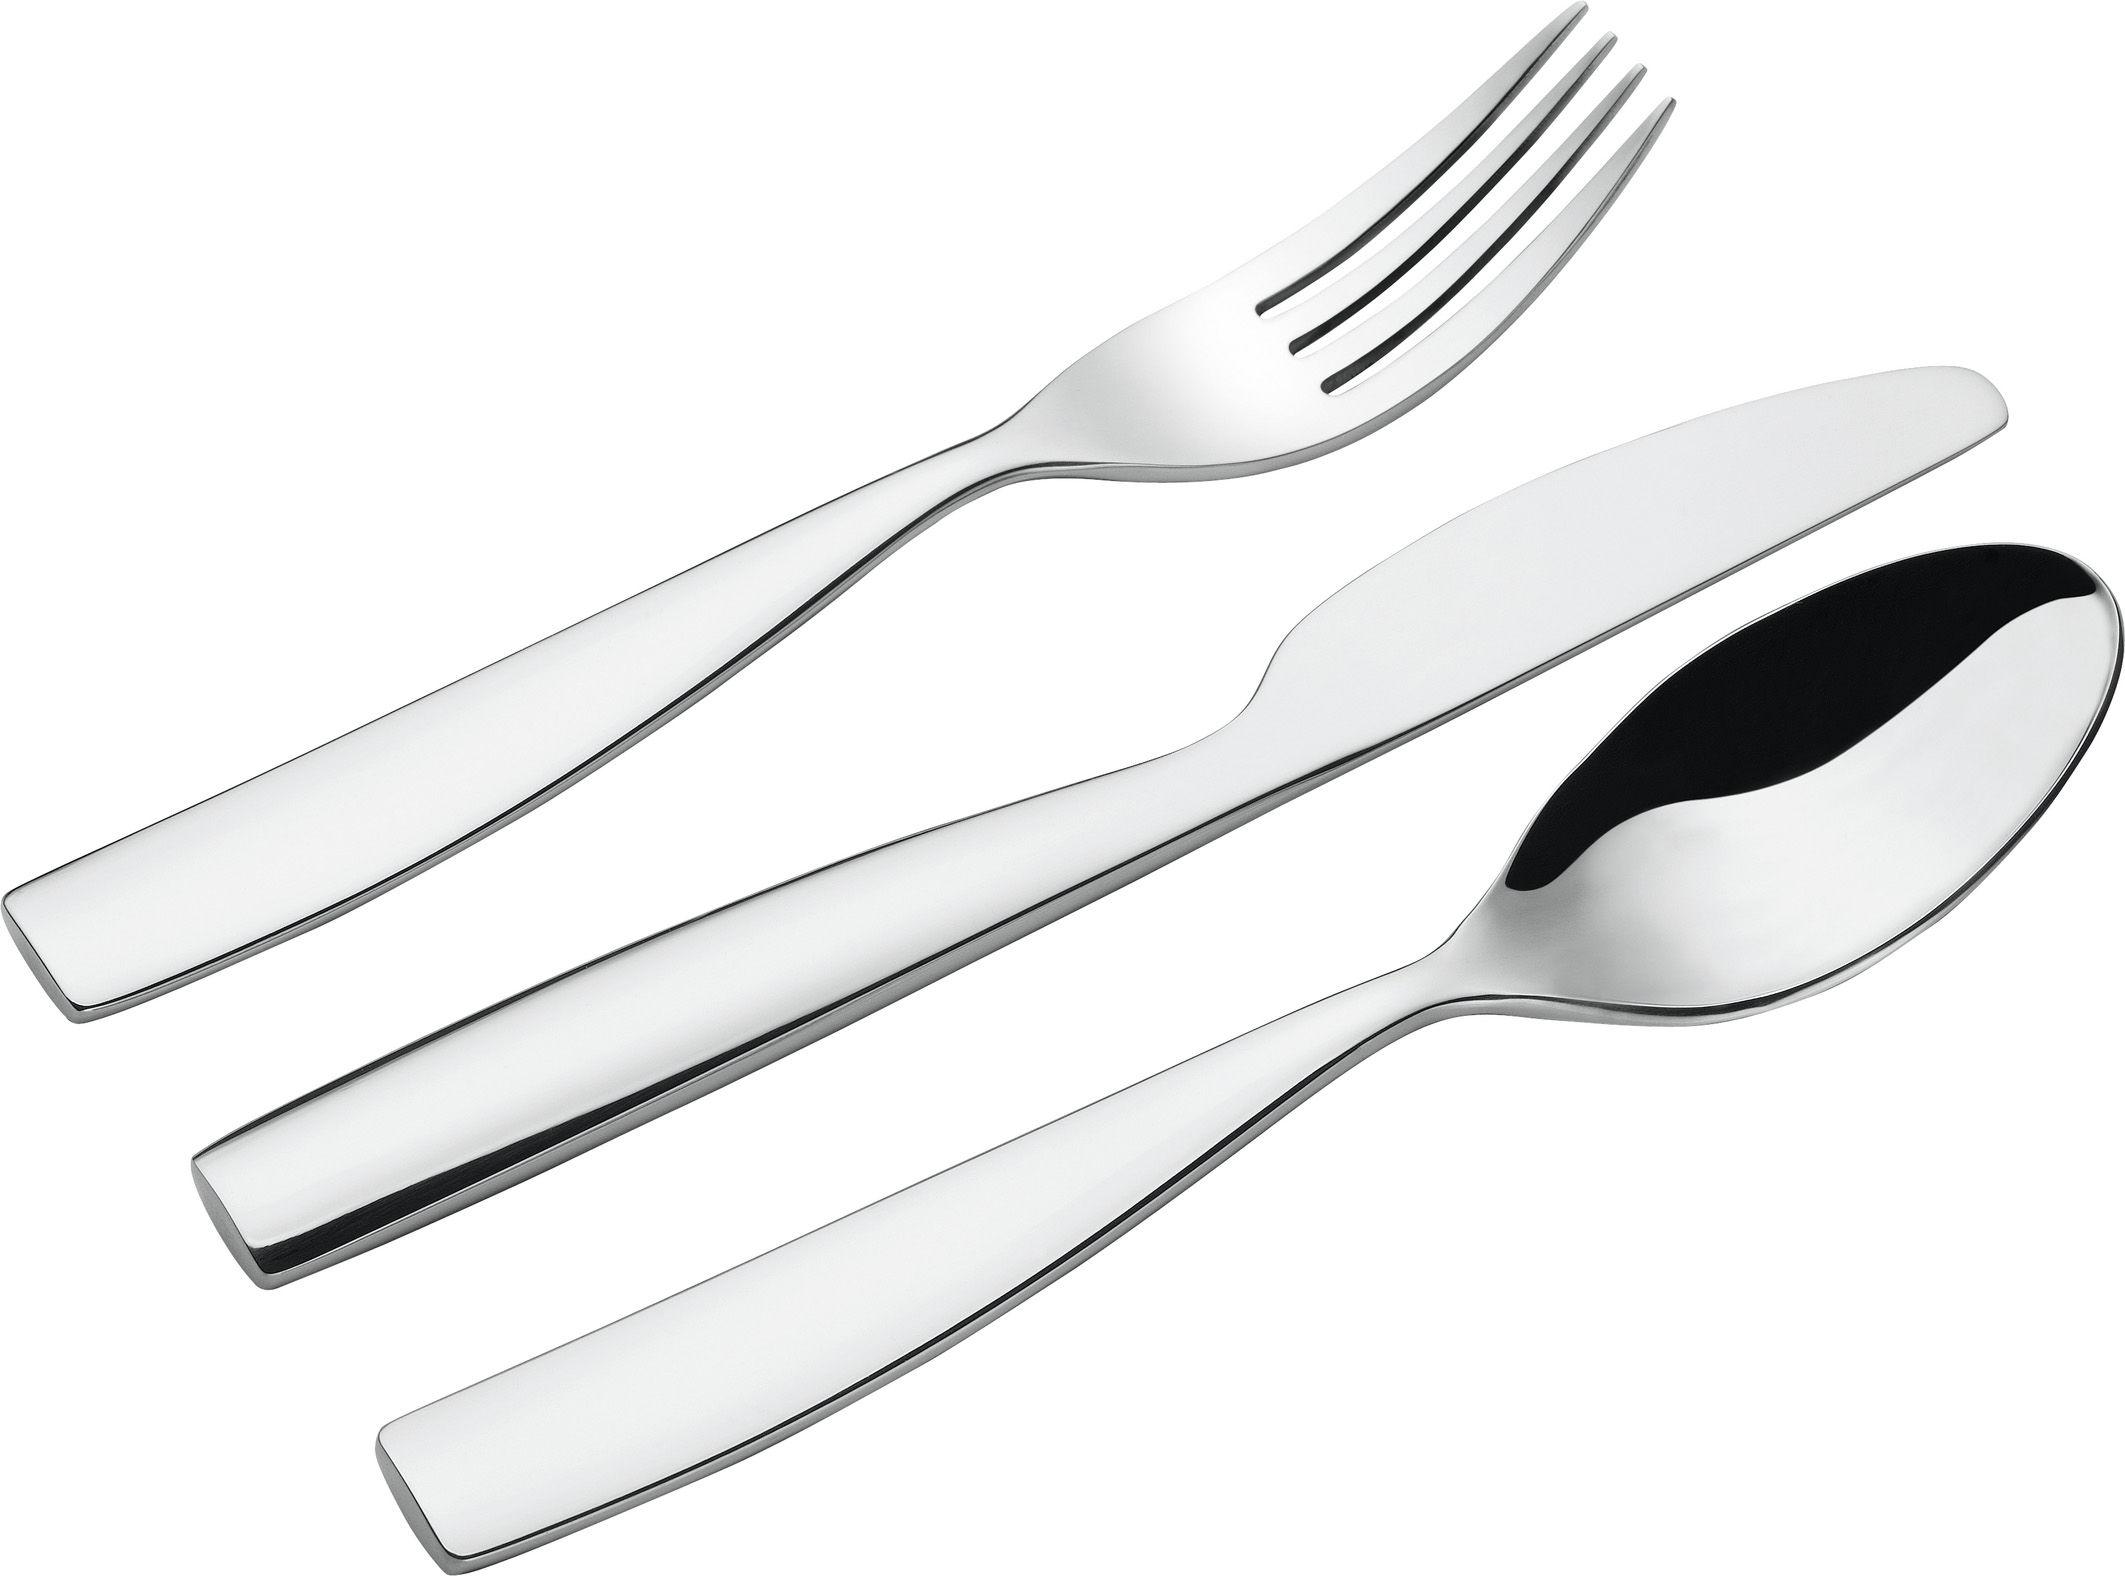 Fourchette dressed fourchette de table acier alessi - La table libanaise la fourchette ...